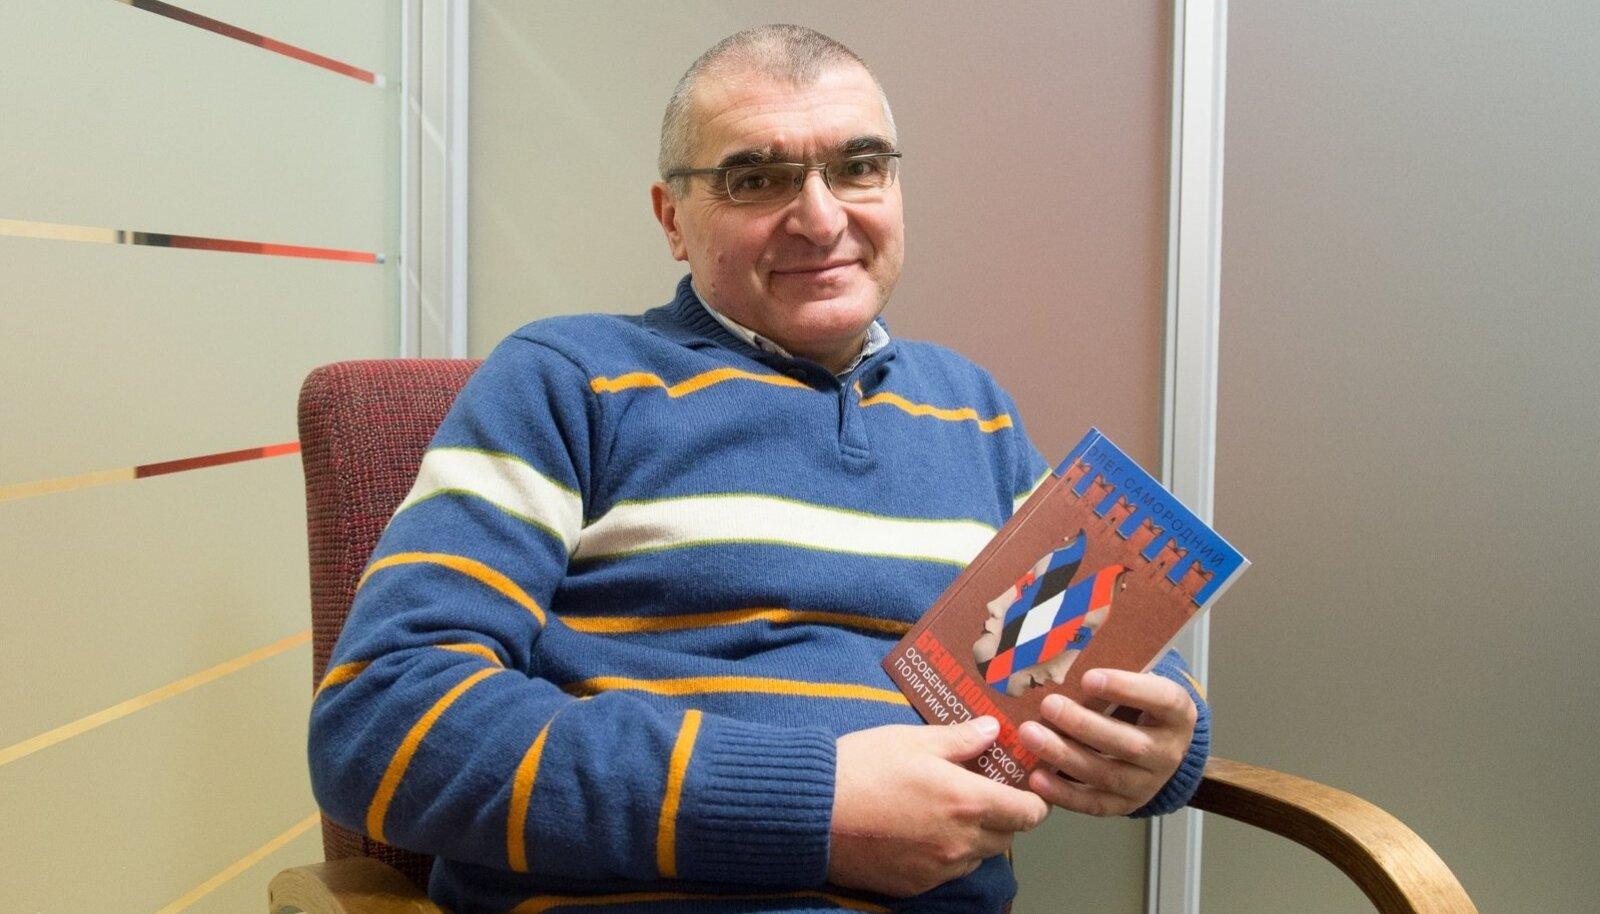 Oleg Samorodni